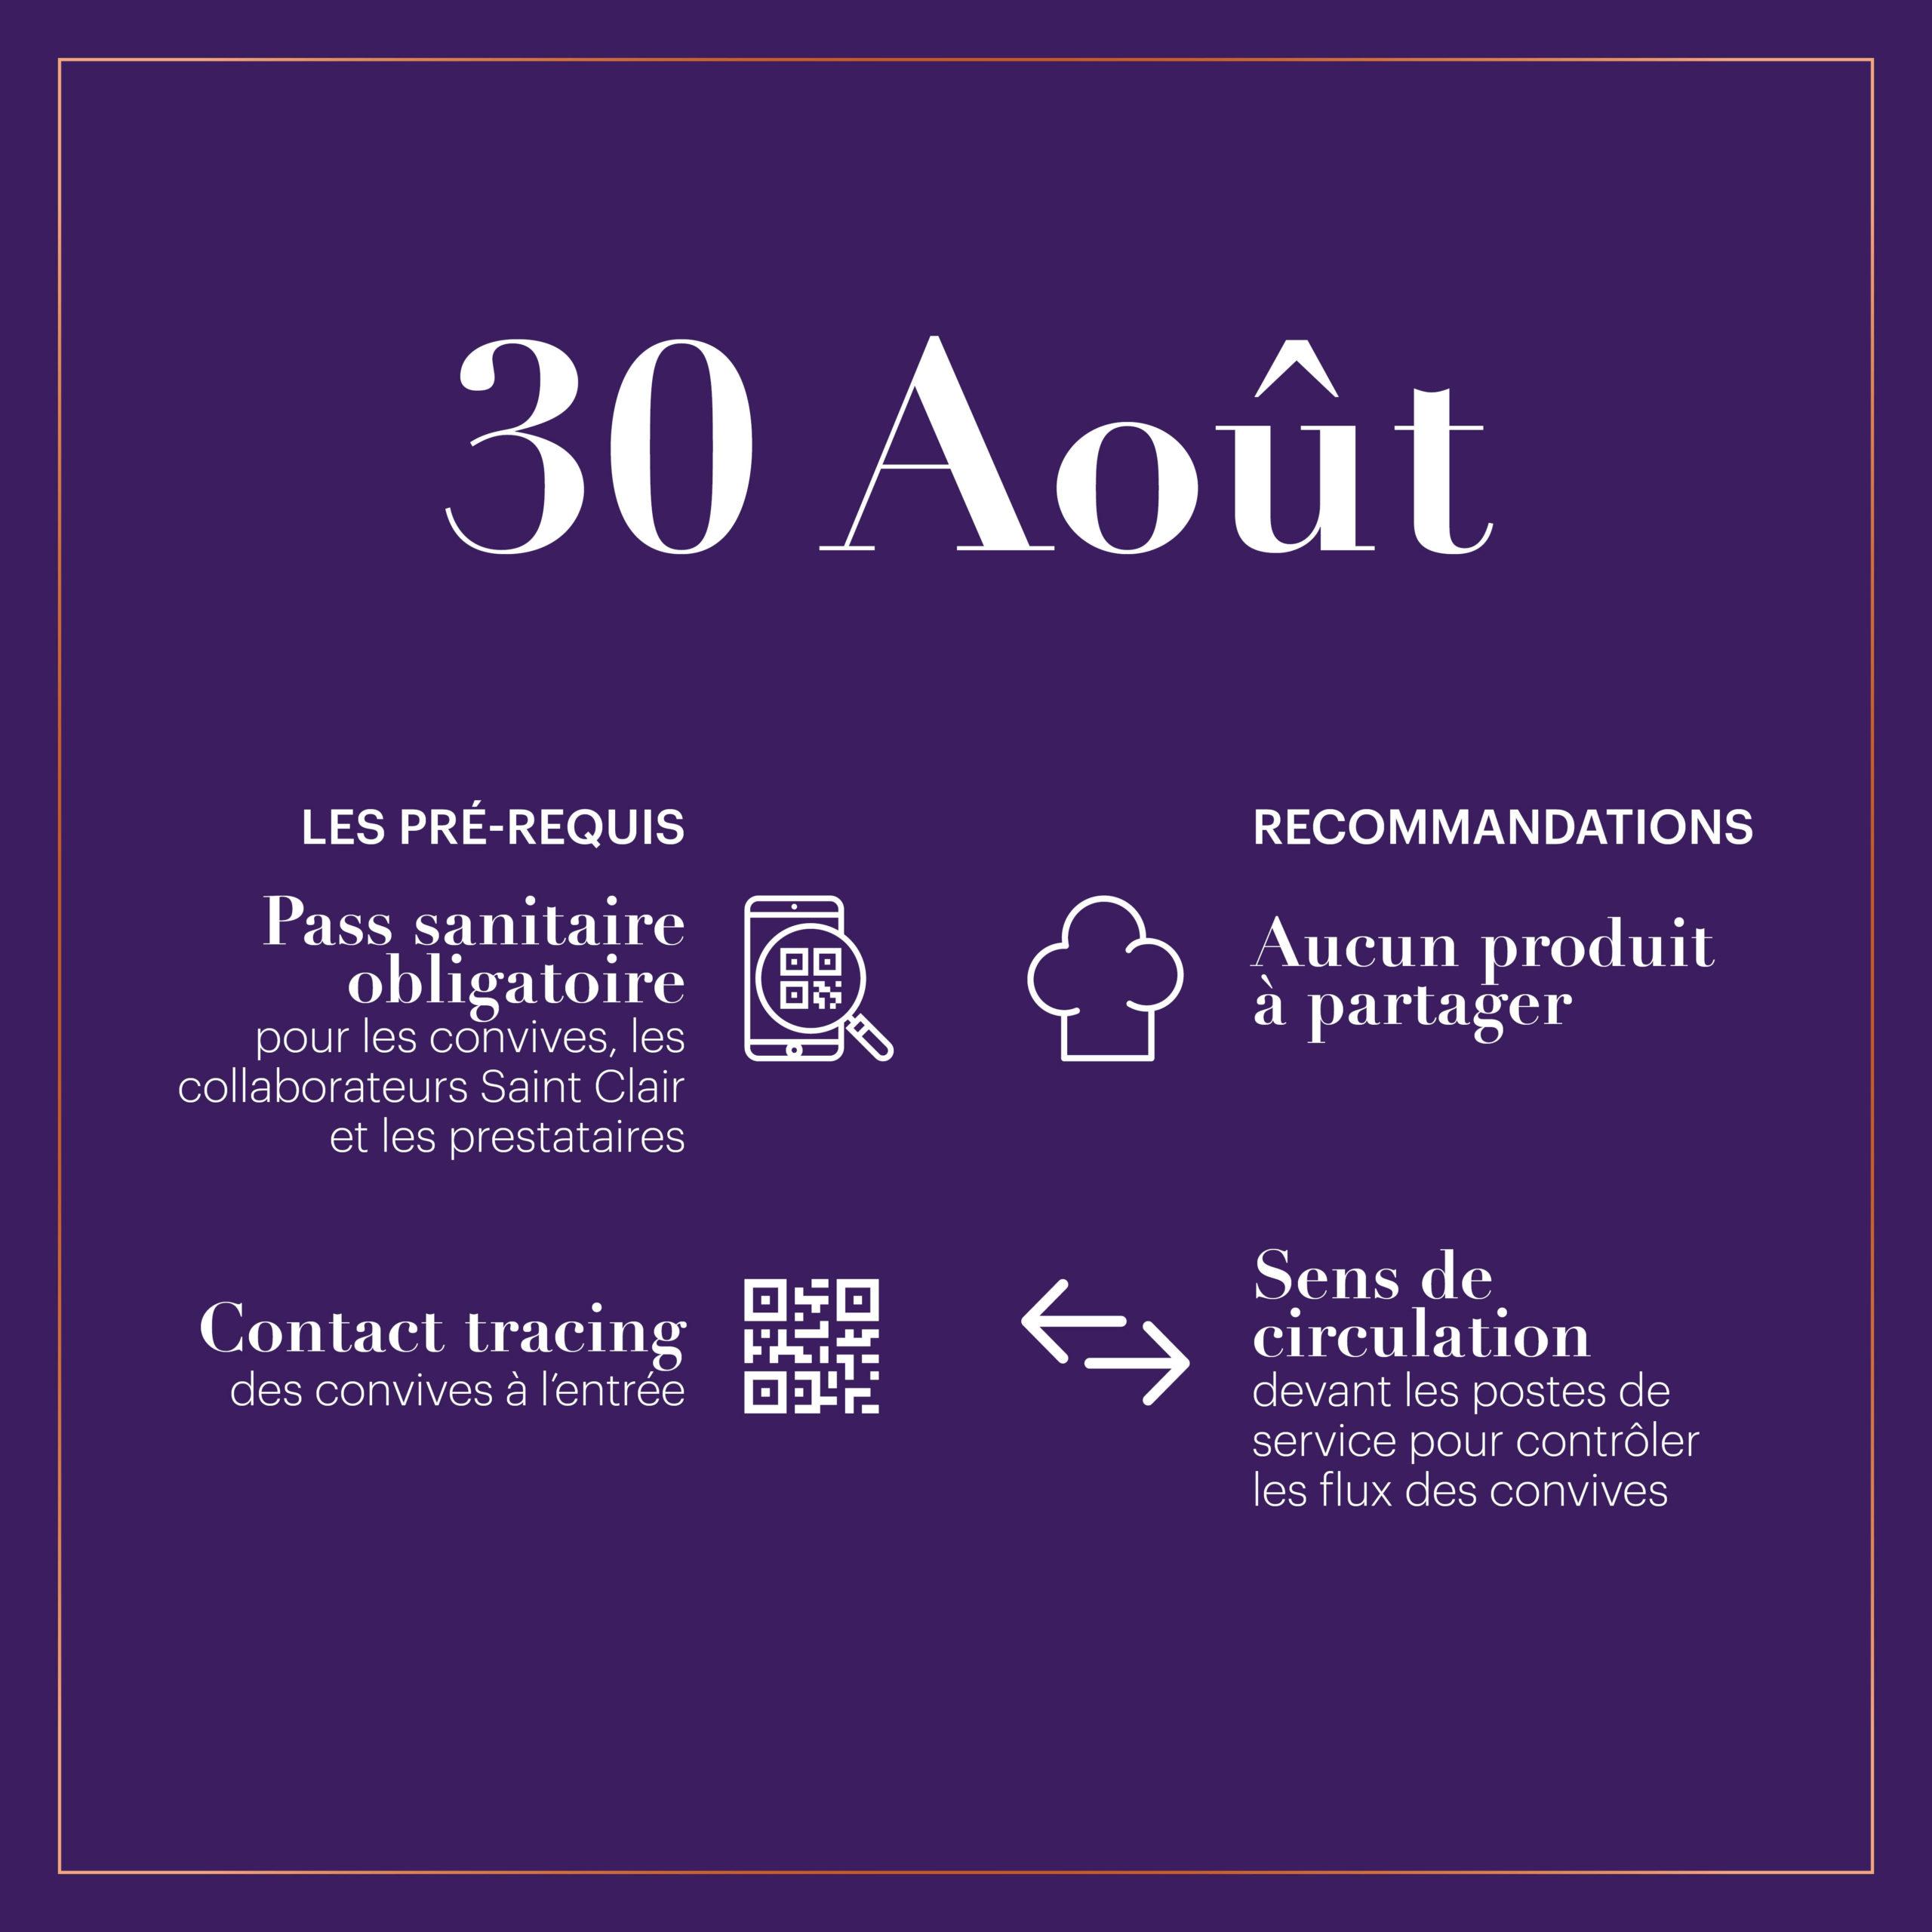 mesures sanitaires events 30 aout